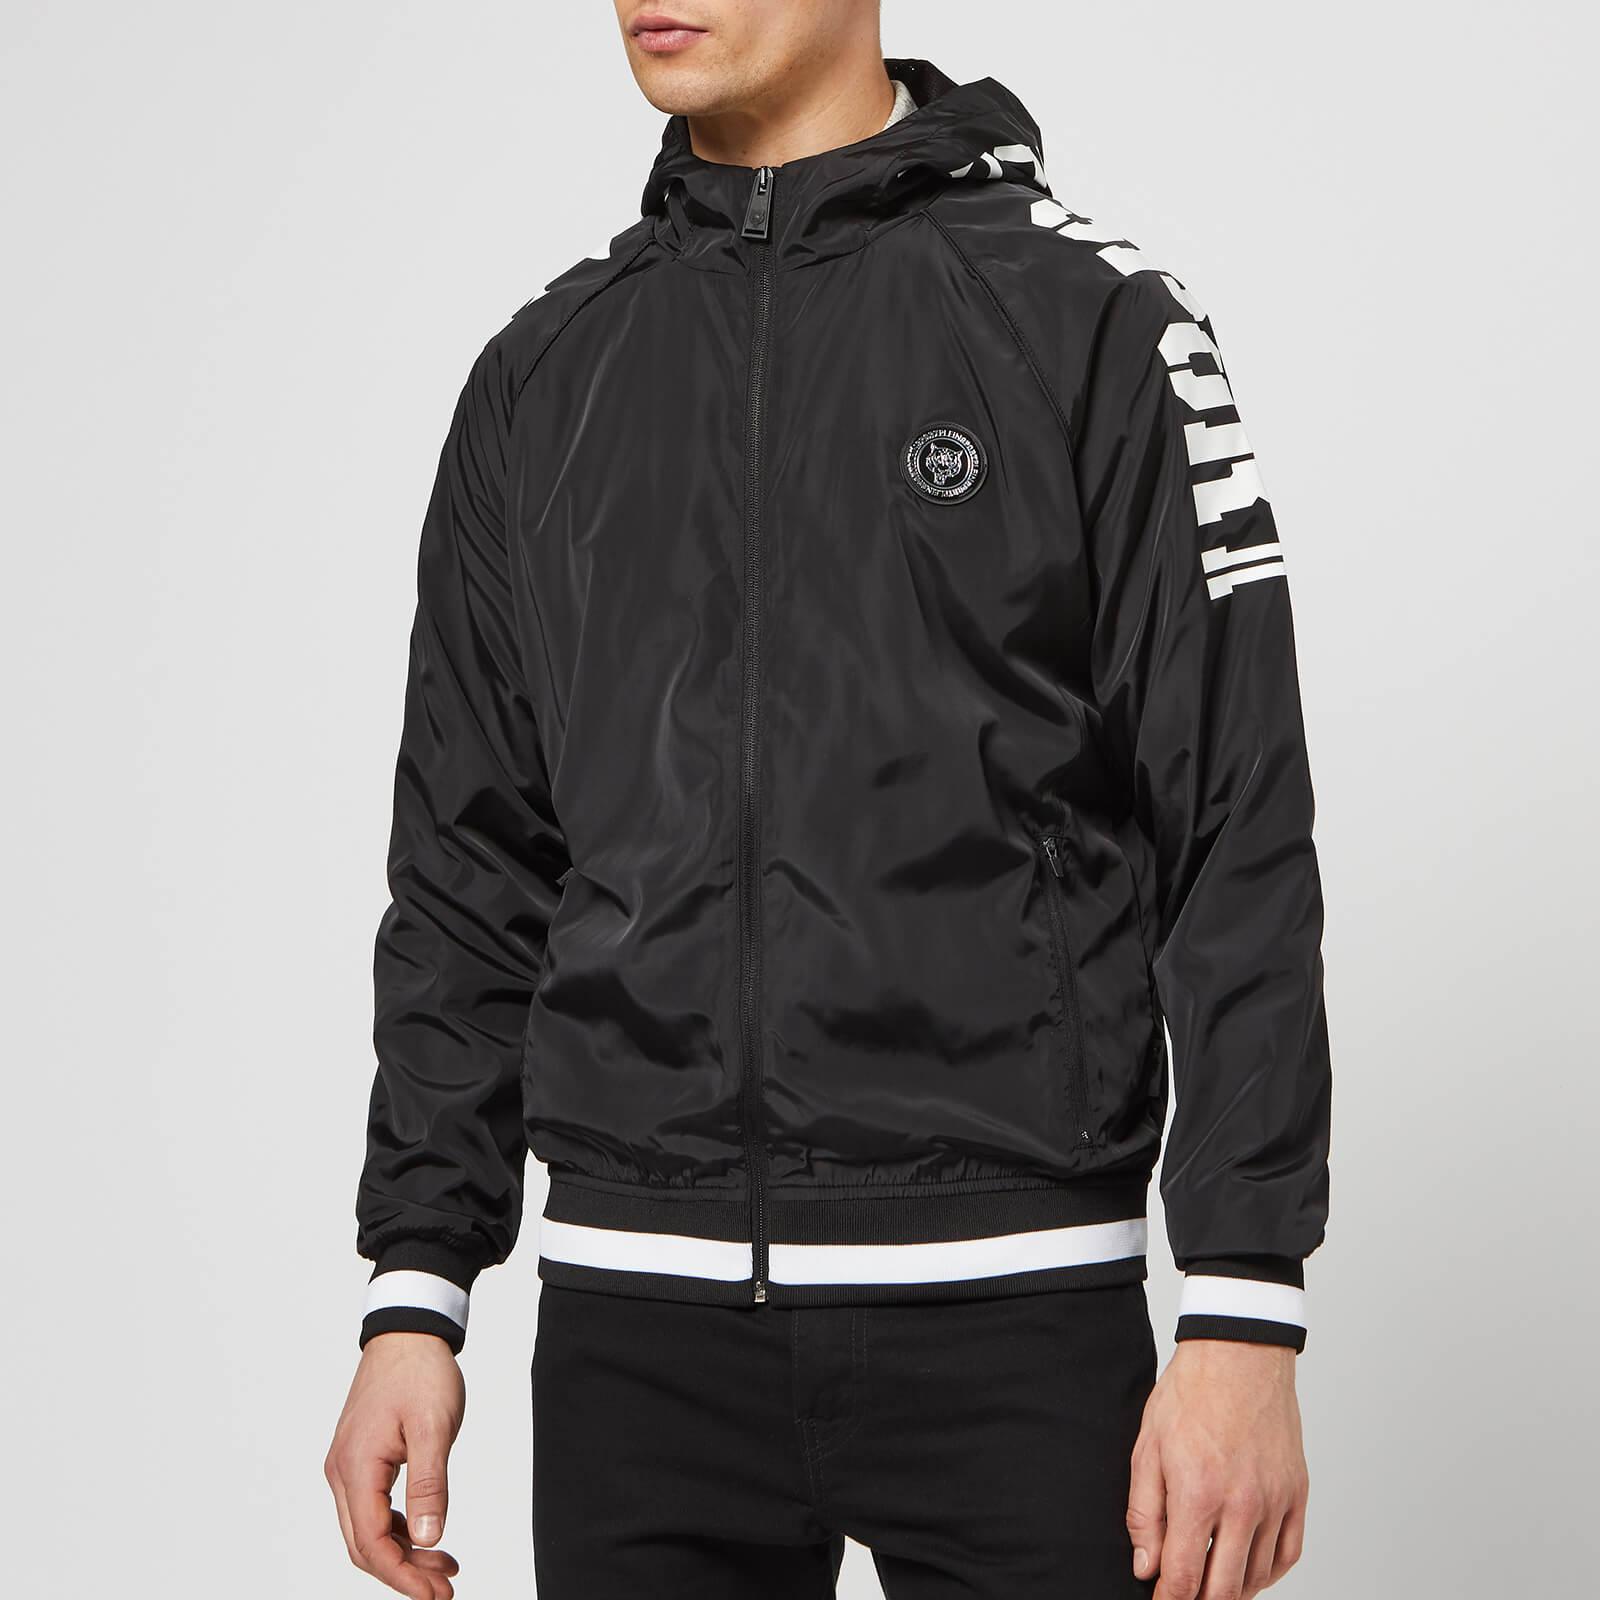 Plein Sport Men's Nylon Jacket Statement - Black/White - S - Black/White